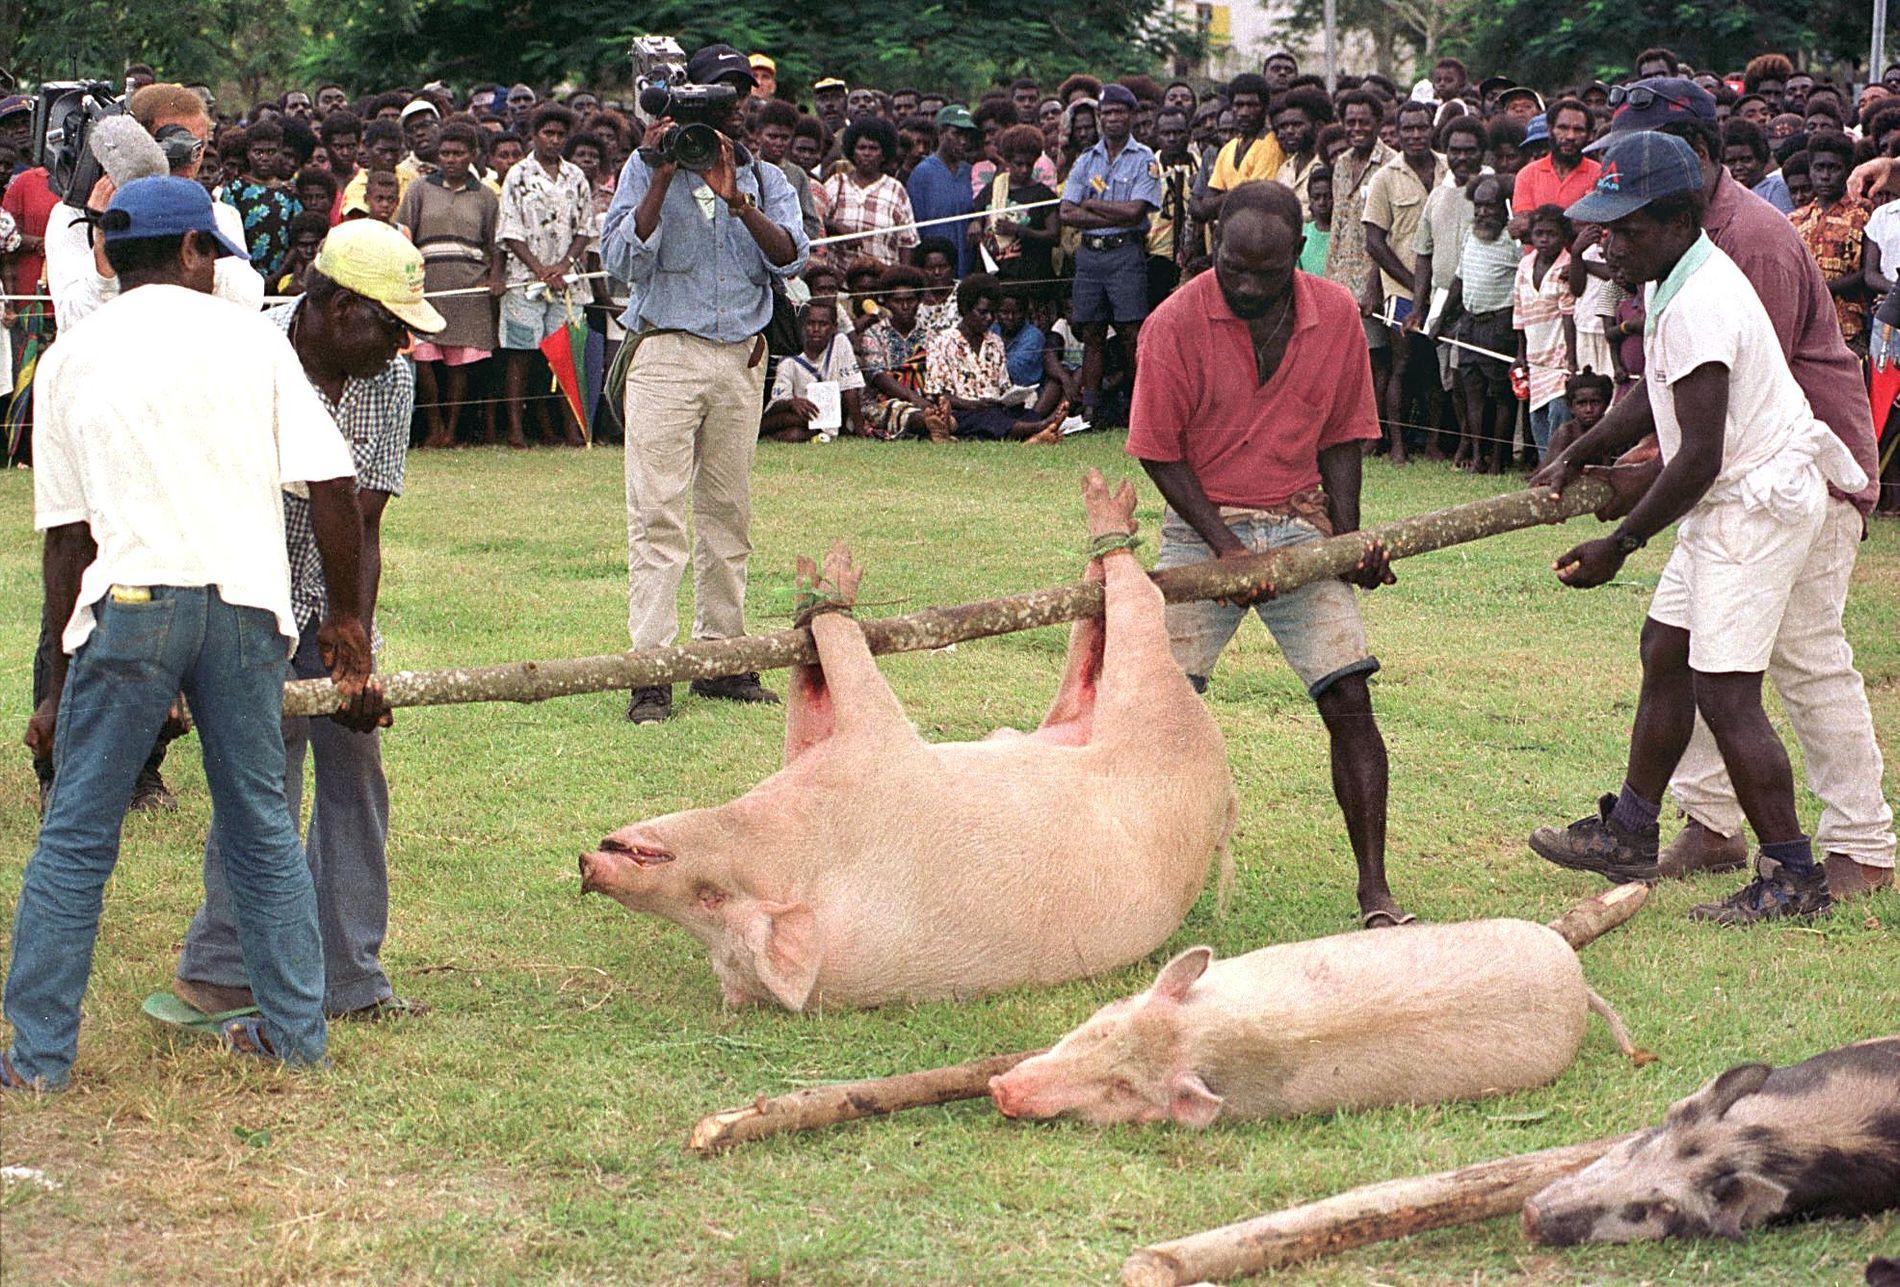 VÅPENHVILE: Lederne for de krigende partene på Bougainville får levende griser som et tegn på forsoning, etter at de skrev under en våpenhvile i 1998.